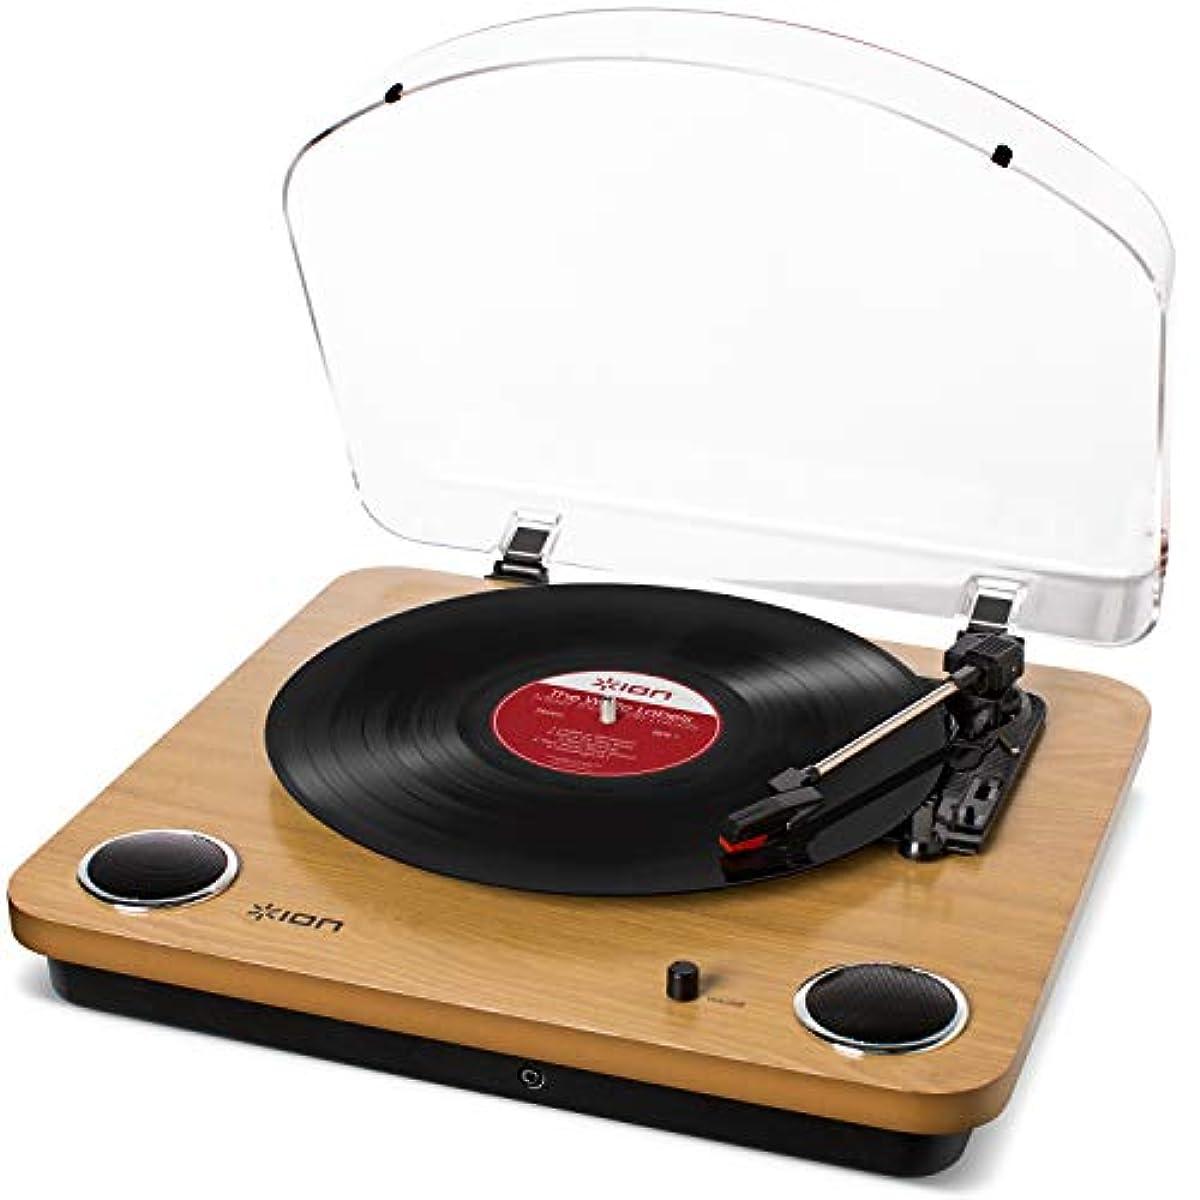 [해외] ION Audio MAX LP 레코드 플레이어 (2색상)